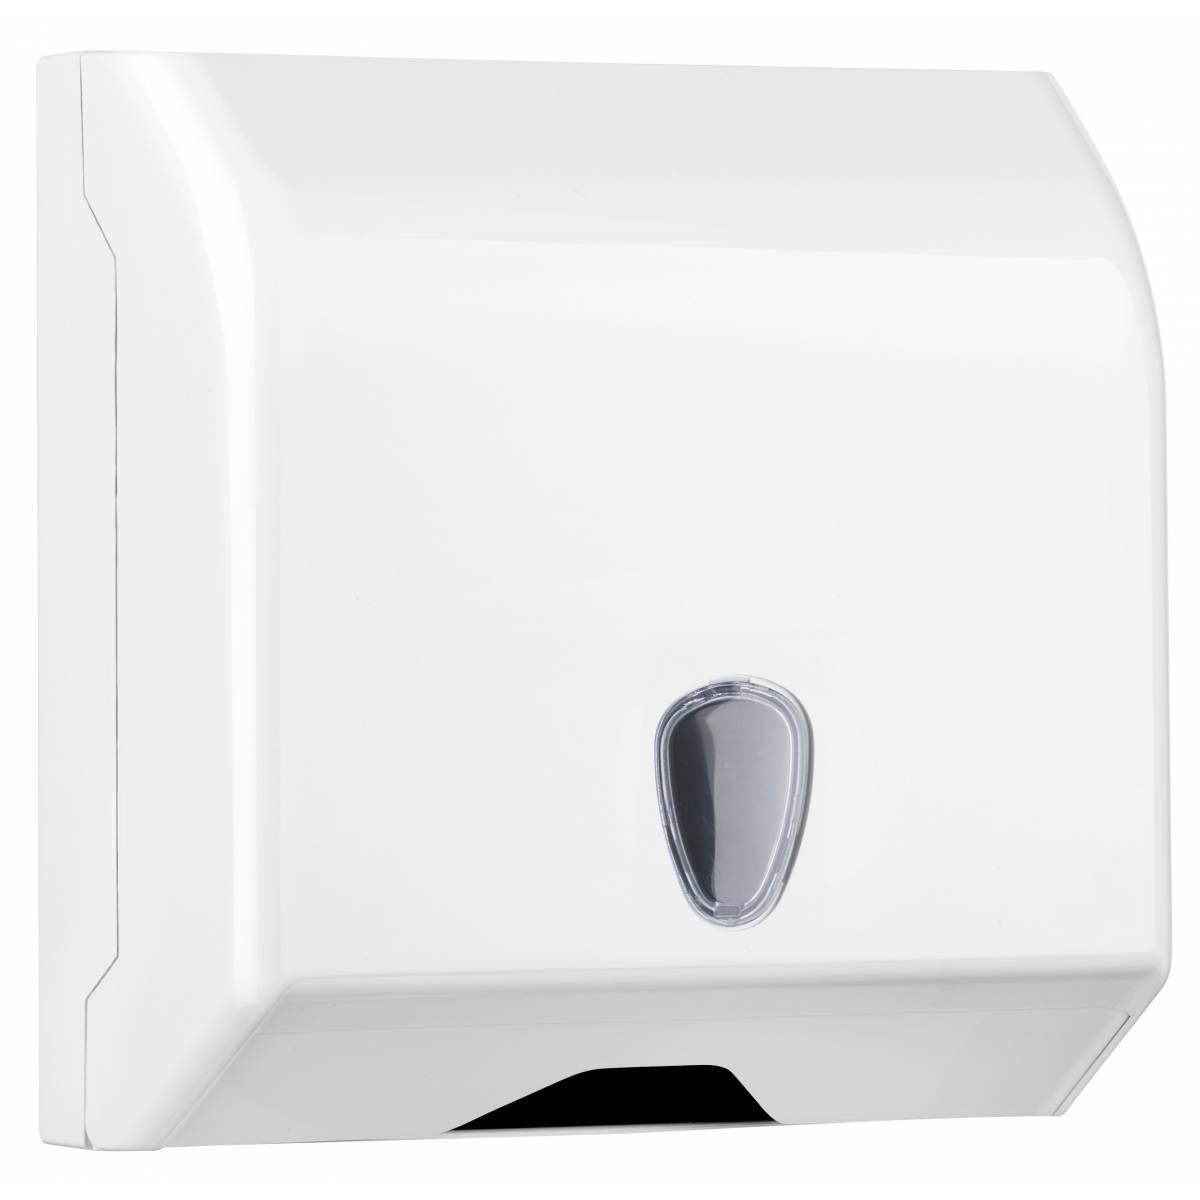 Держатель бумажных полотенец в пачках PRESTIGE (695) A69501 Mar Plast